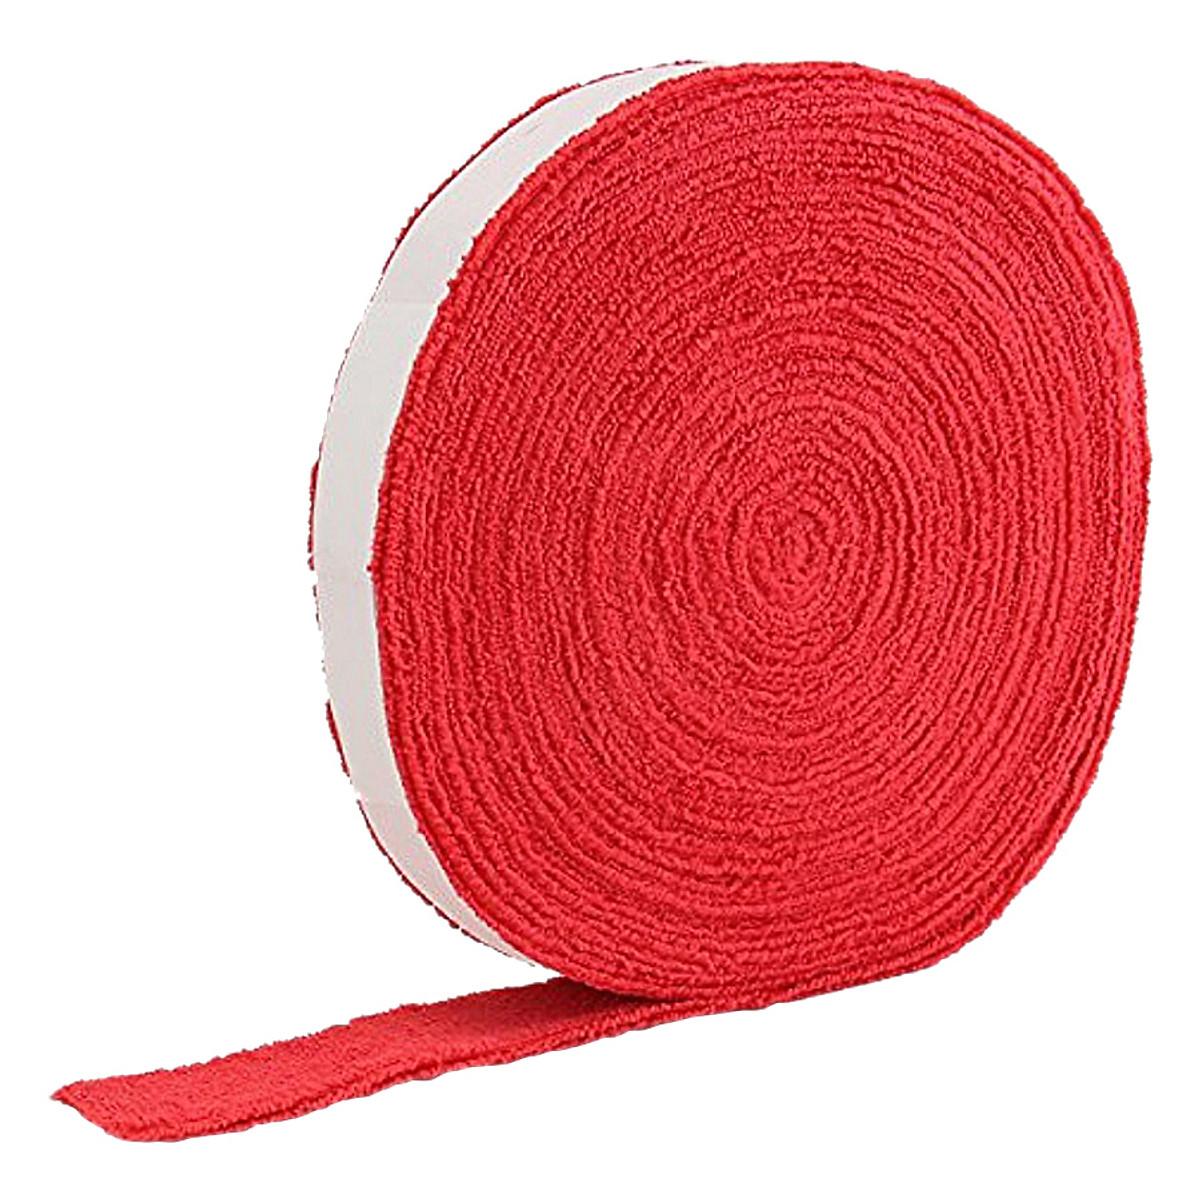 Cuộn Vải Quấn Cán Cầu Lông Popo Sports (1.1m) 10